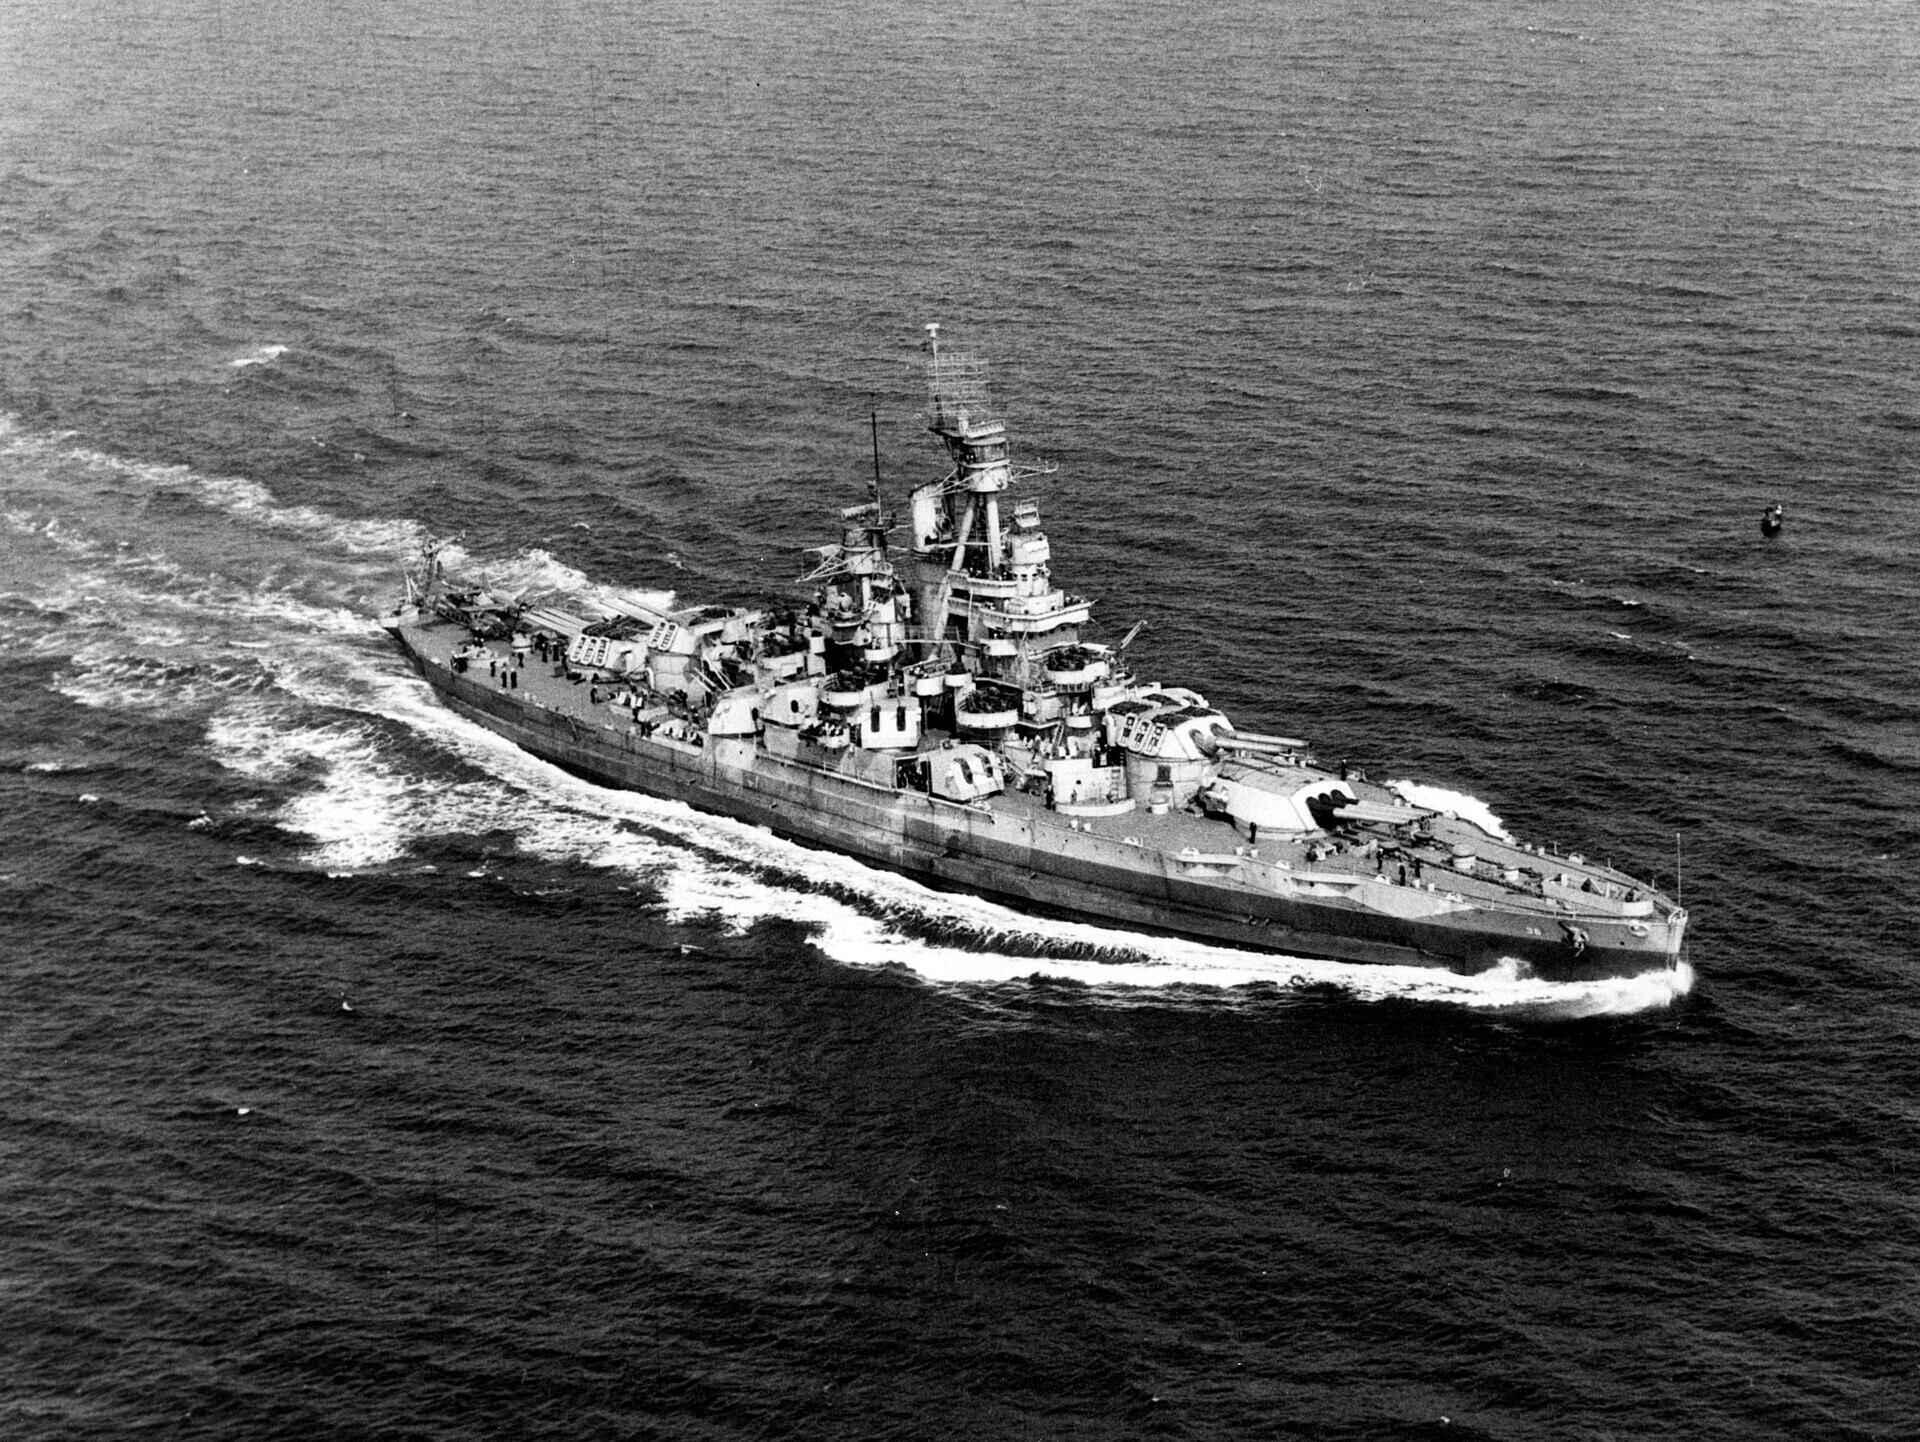 经历两次世界大战、两次核爆炸!这艘传奇战舰终于在海底被找到